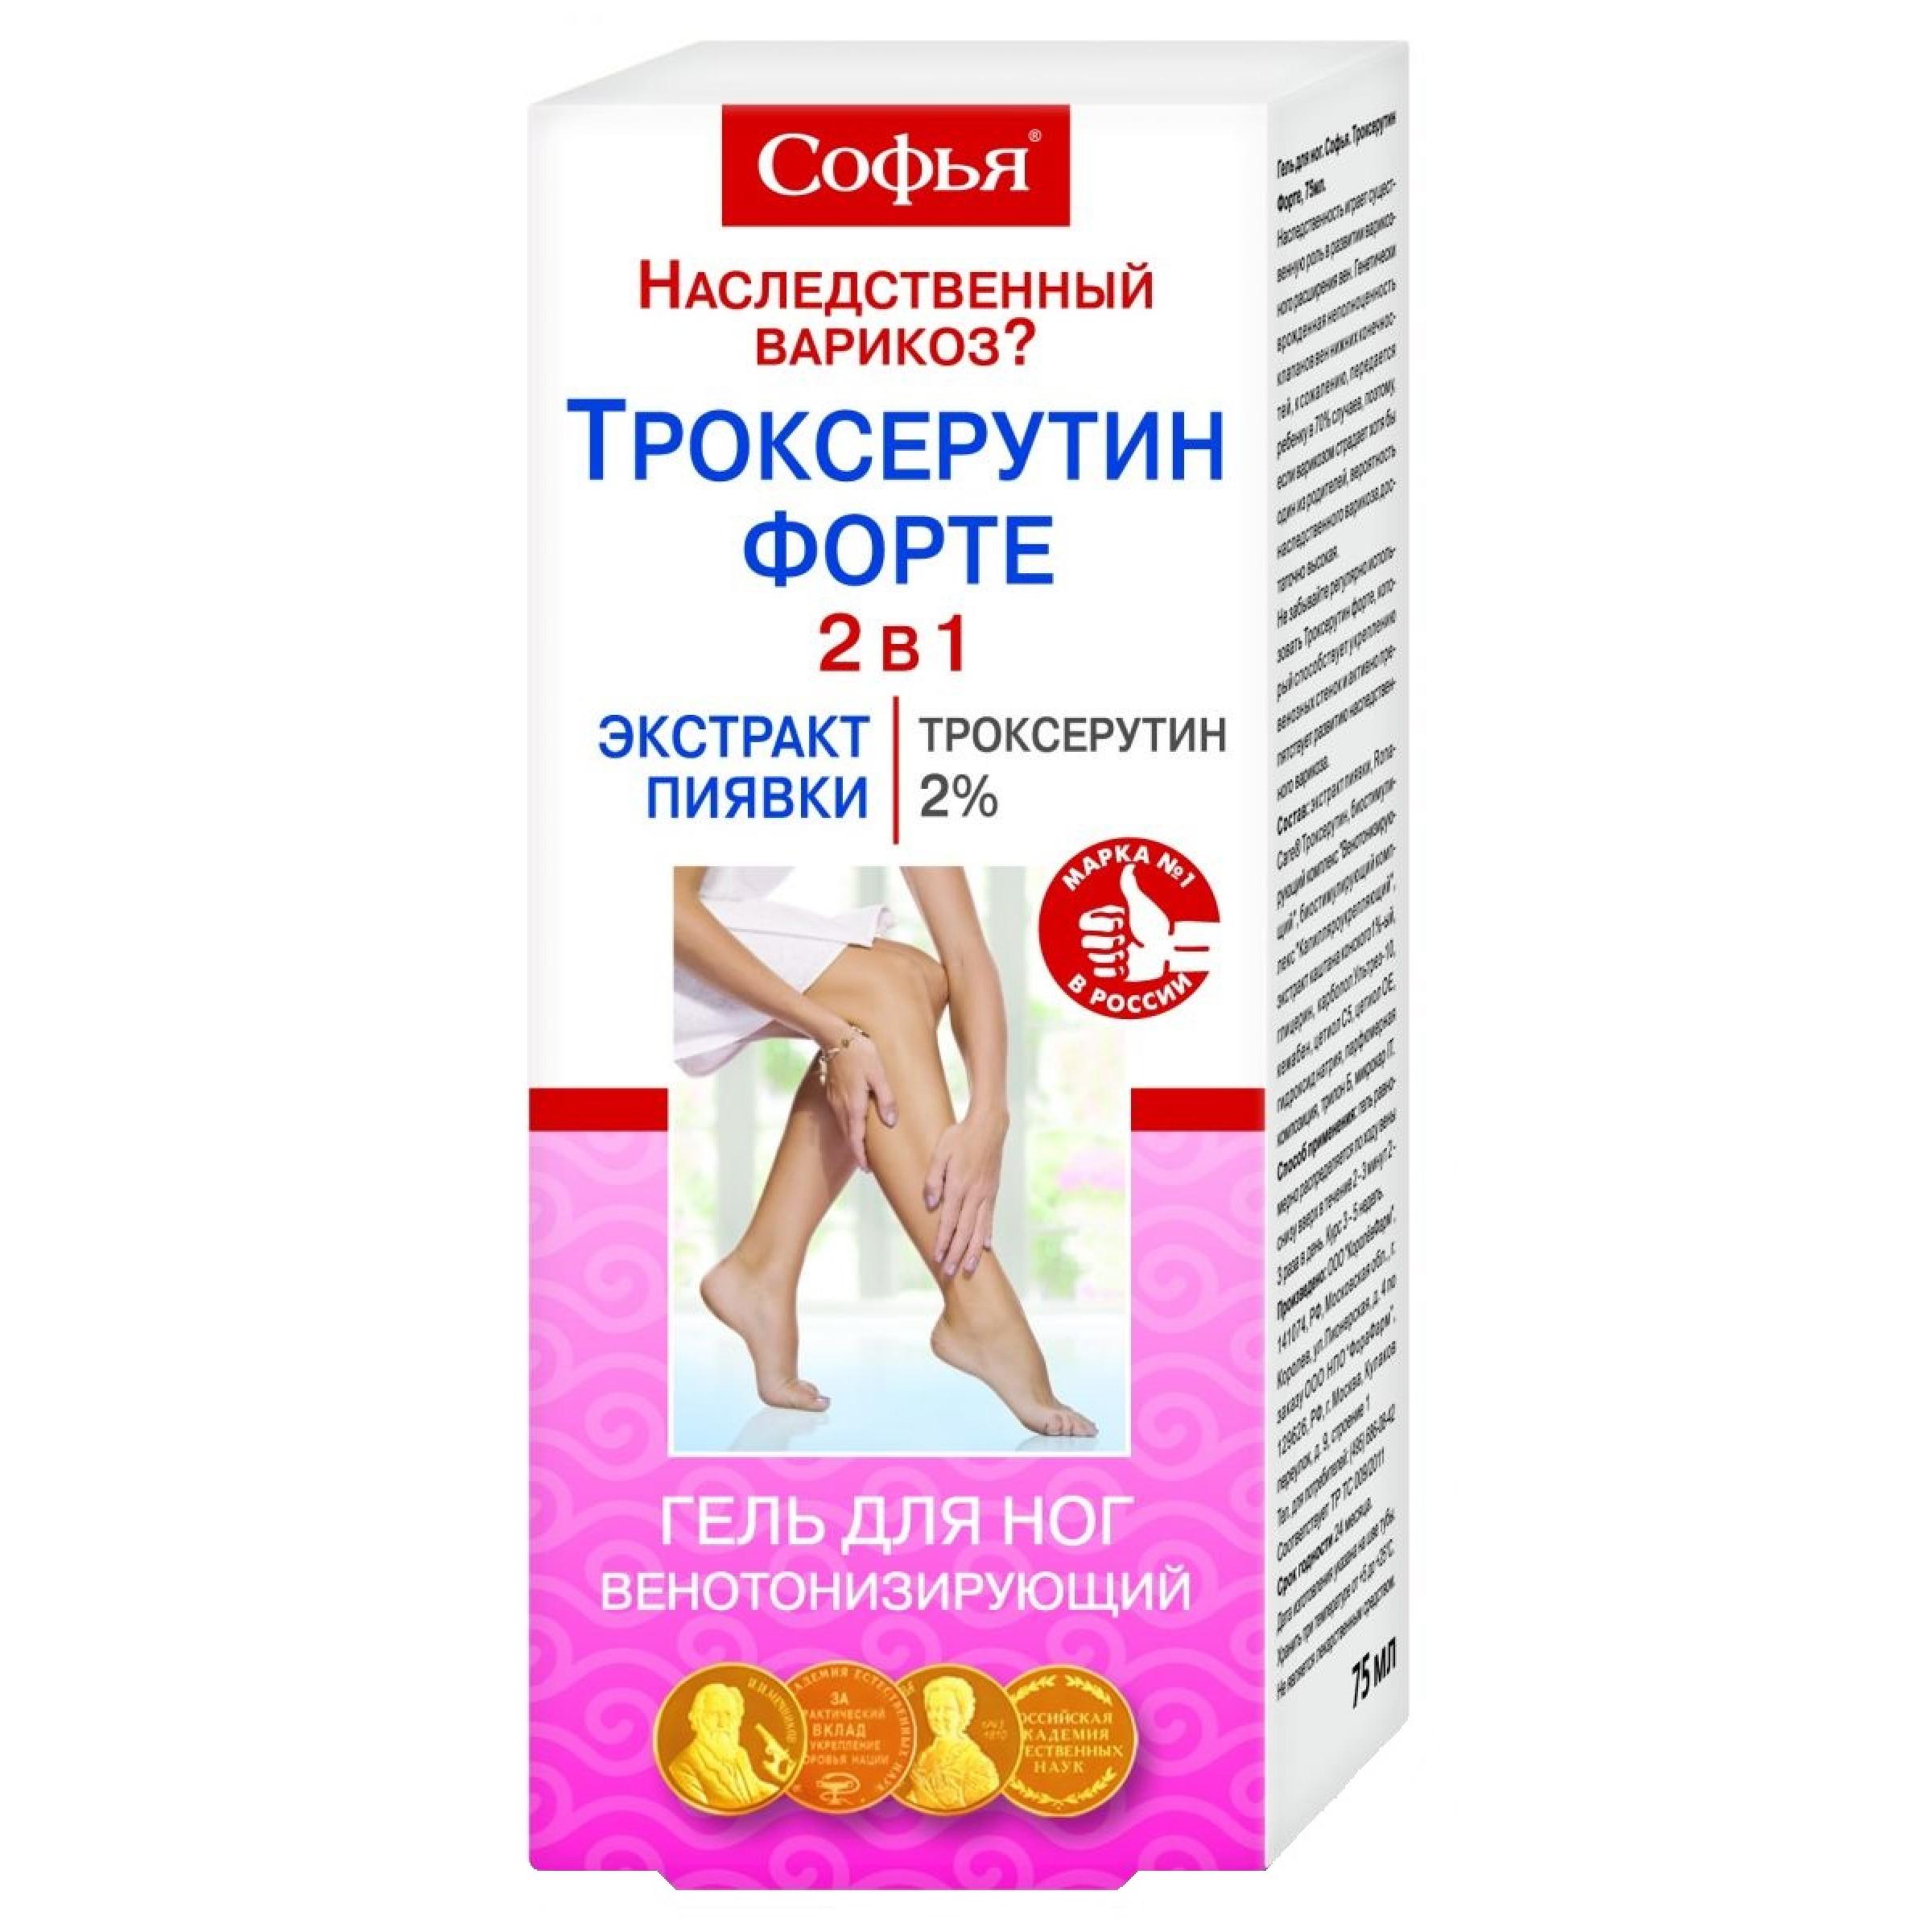 Гель для ног Софья троксерутин форте, венотонизирующий эффект, 75мл